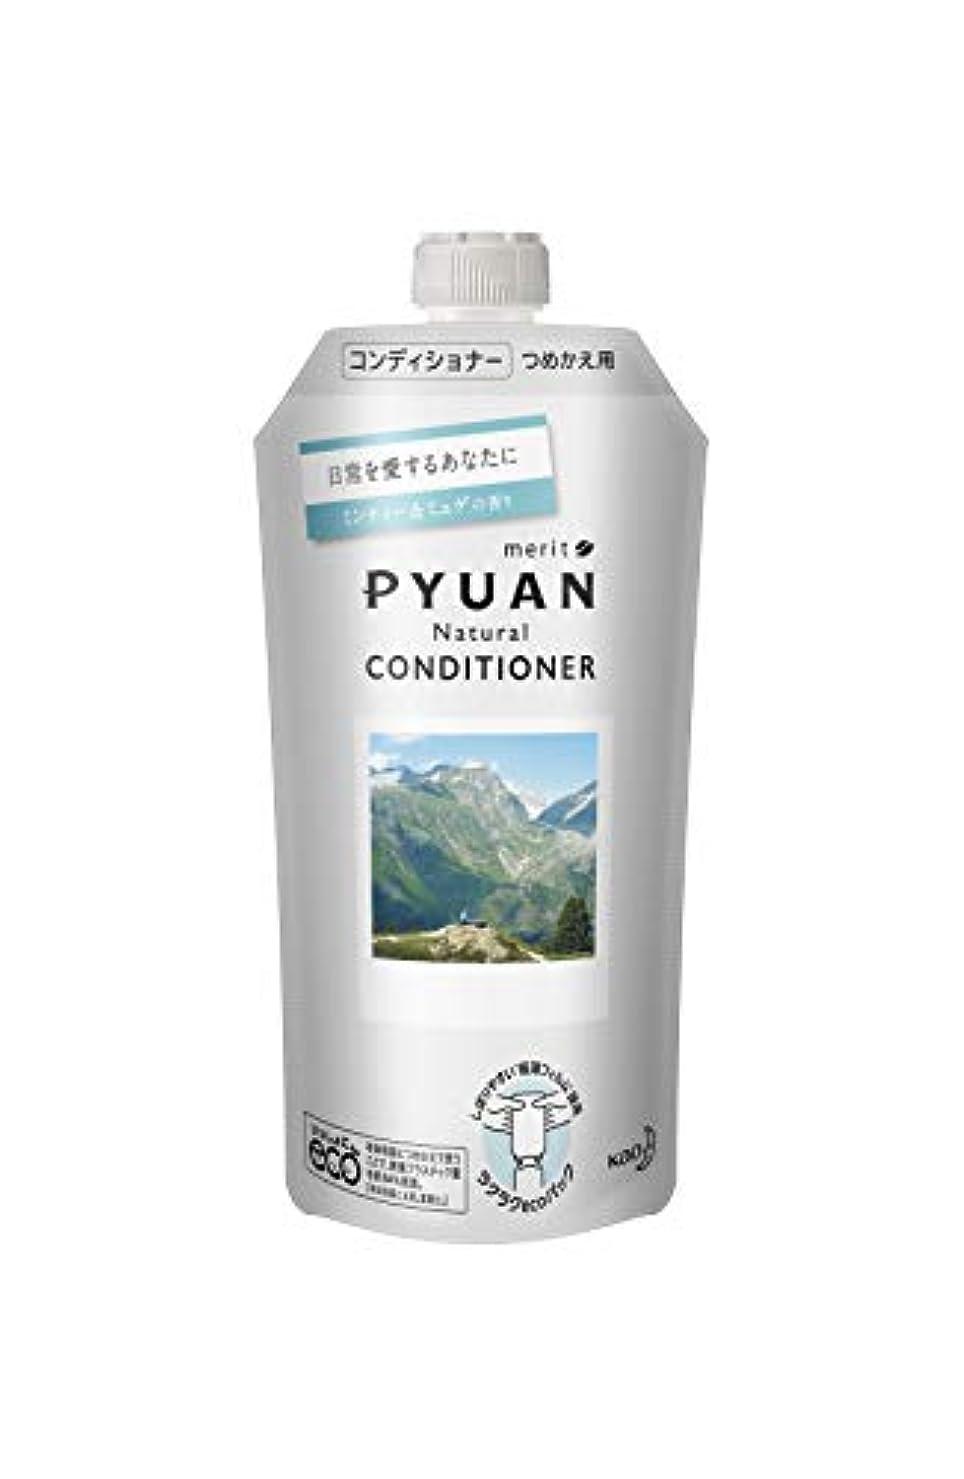 削る一治療PYUAN(ピュアン) メリットピュアン ナチュラル (Natural) ミンティー&ミュゲの香り コンディショナー つめかえ用 340ml 高橋 ヨーコ コラボ